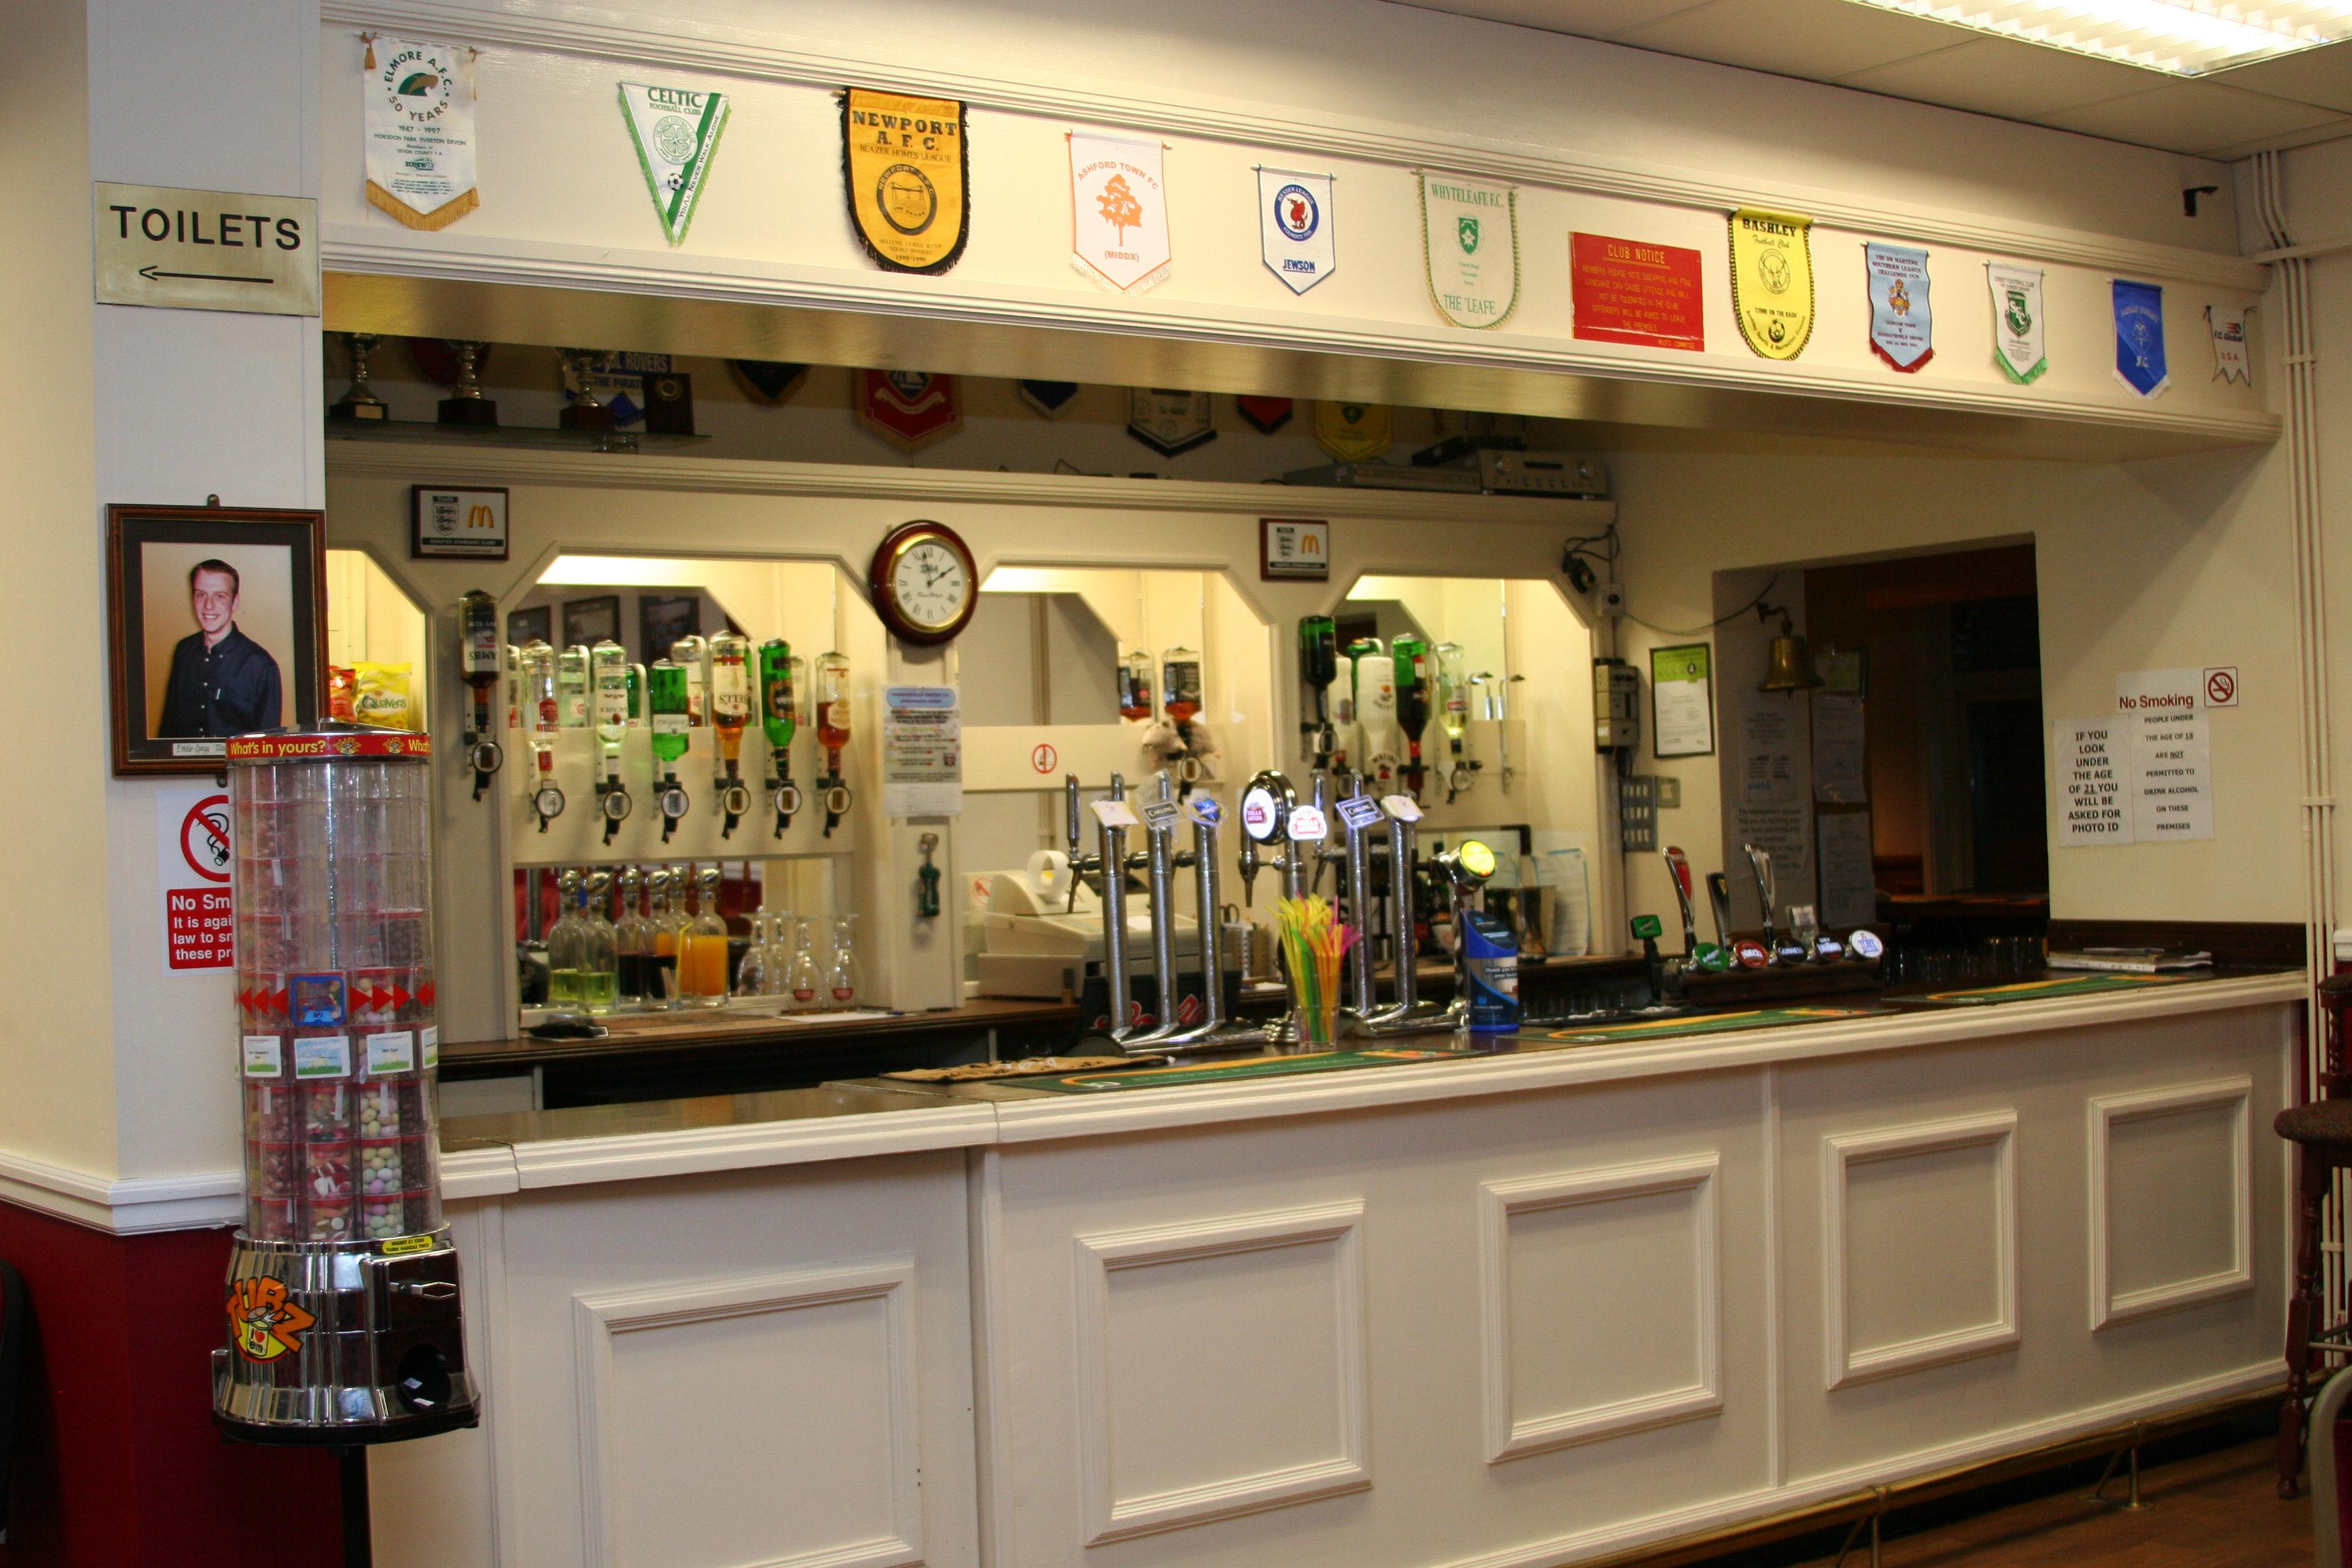 https://upload.wikimedia.org/wikipedia/commons/9/93/Lounge_Bar_in_Club_House.JPG